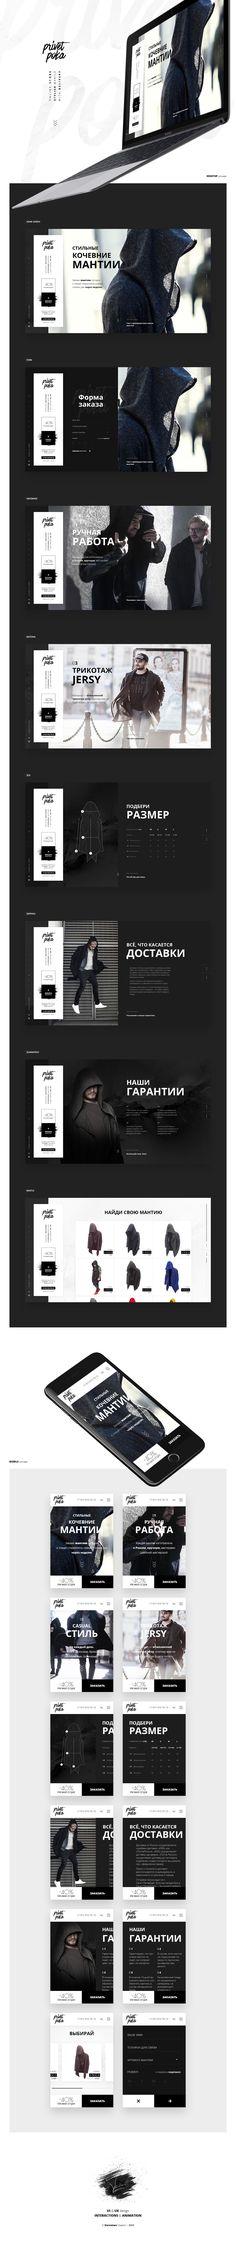 Privet Poka, Сайт © Владимир Воронцев